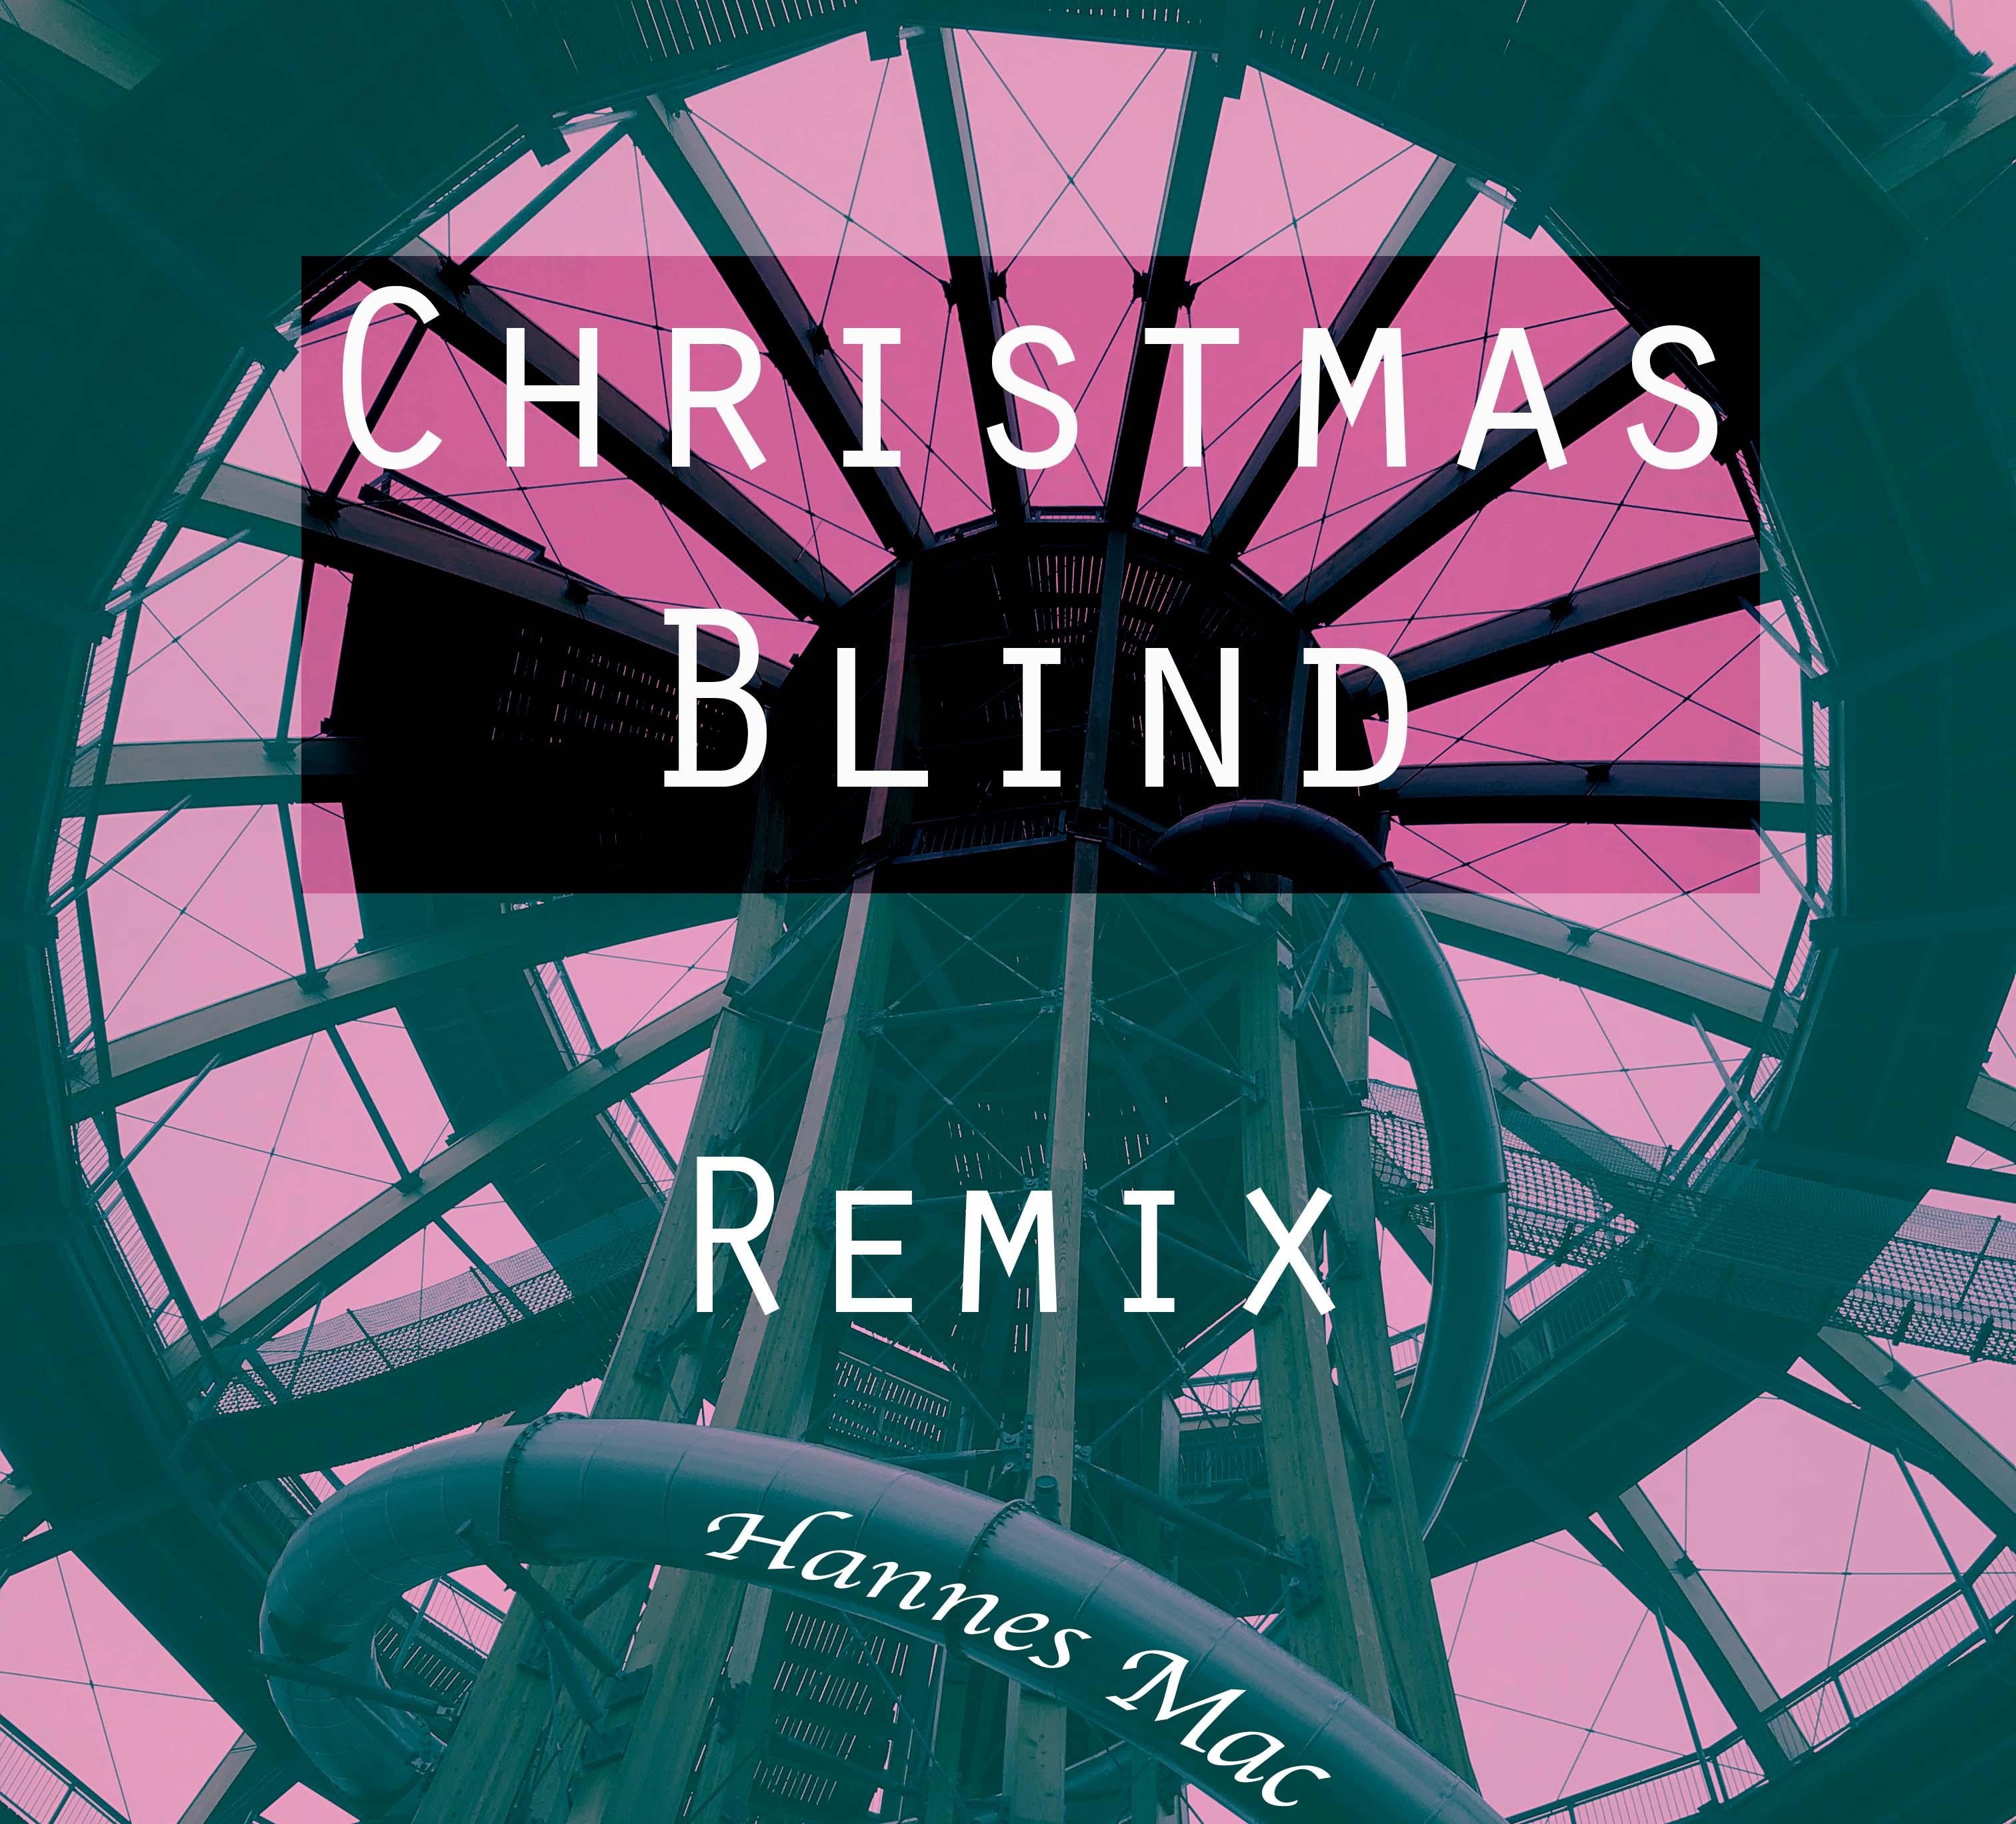 Christmas Blind3.jpg